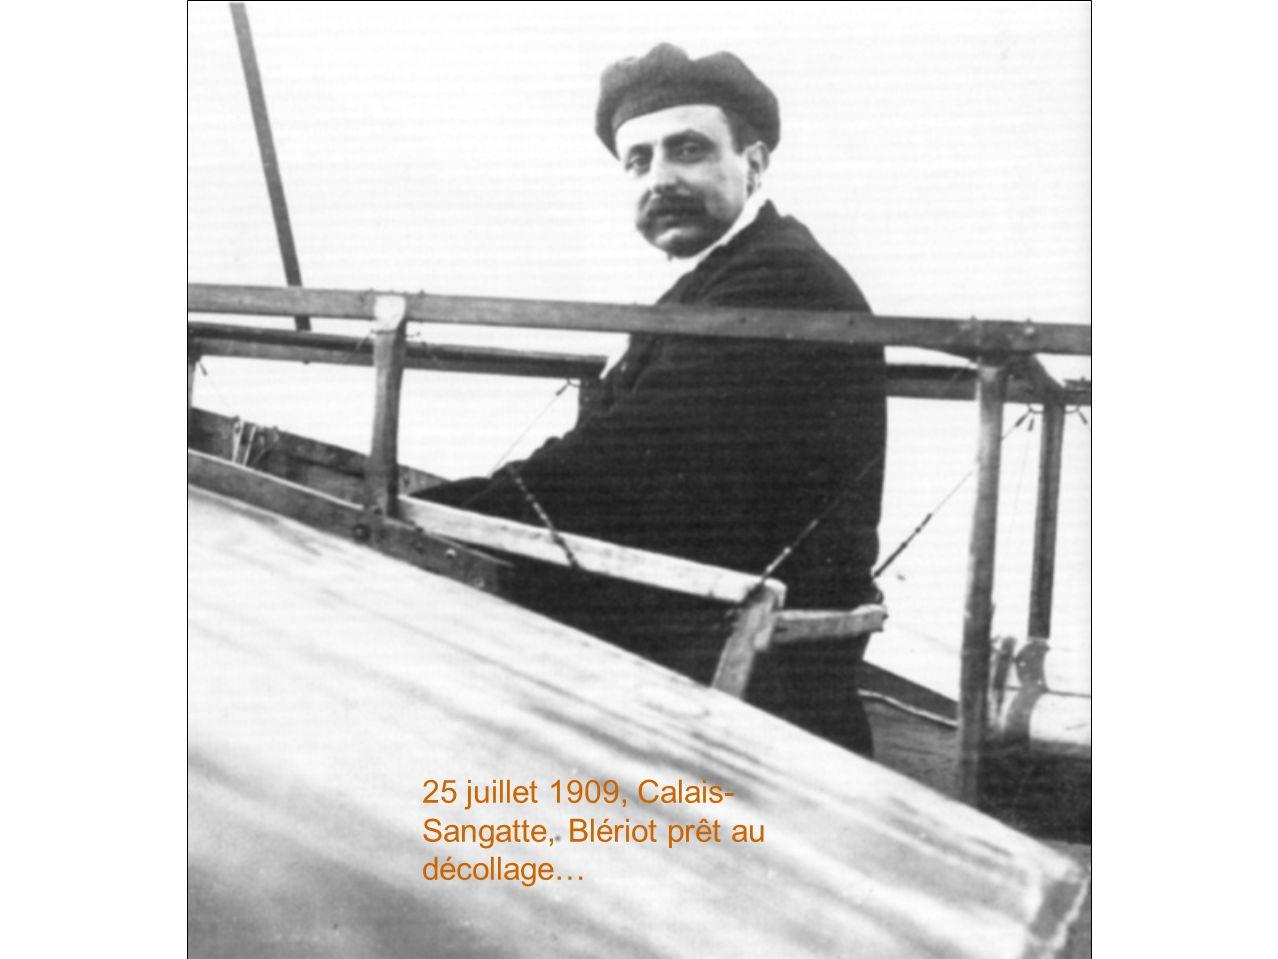 25 juillet 1909, Calais- Sangatte, Blériot prêt au décollage…